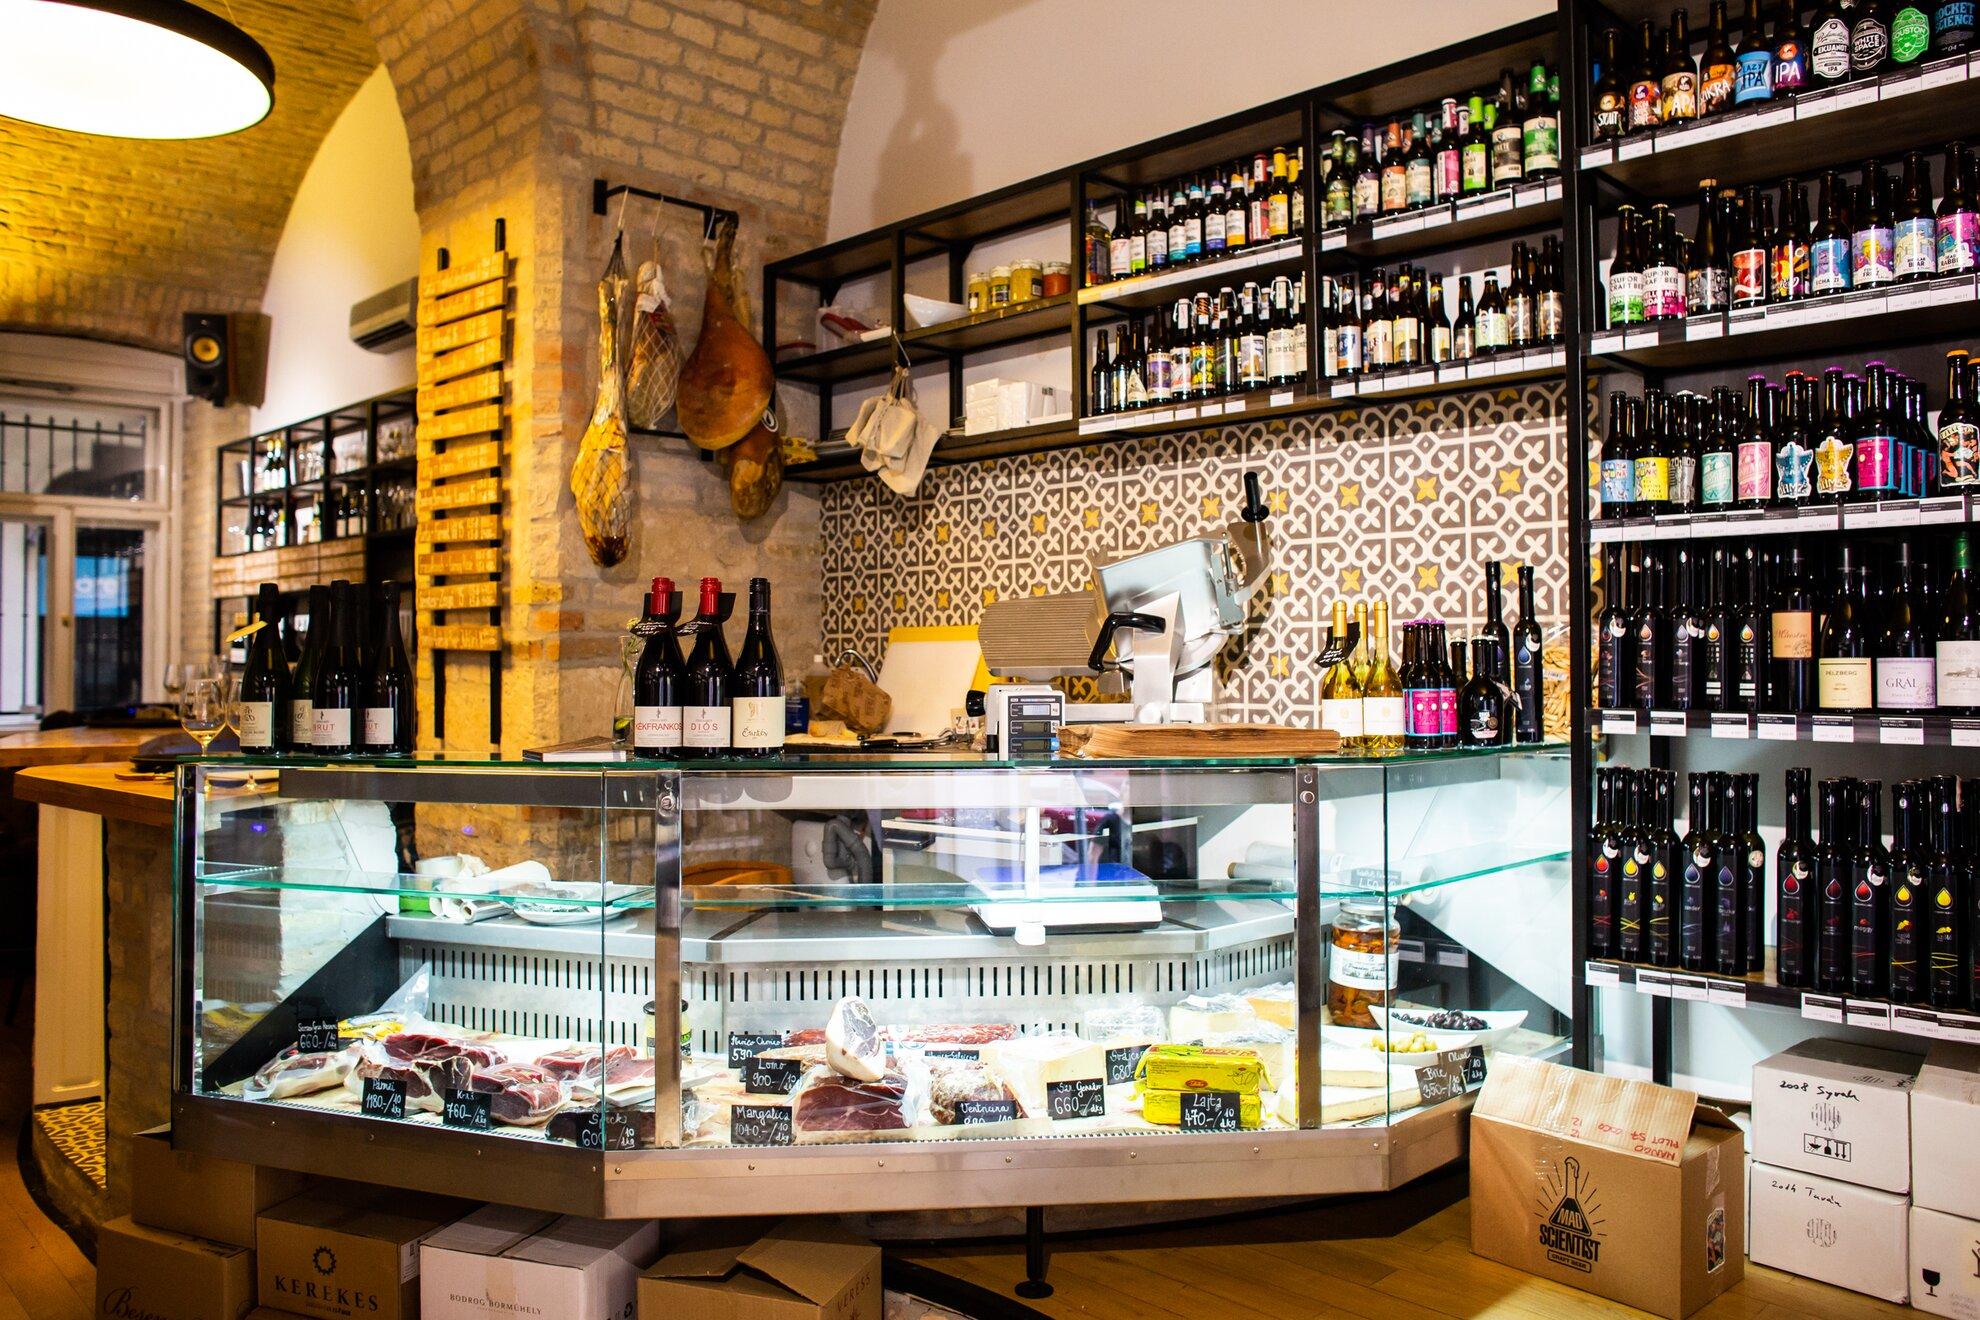 belső bár kereskedés